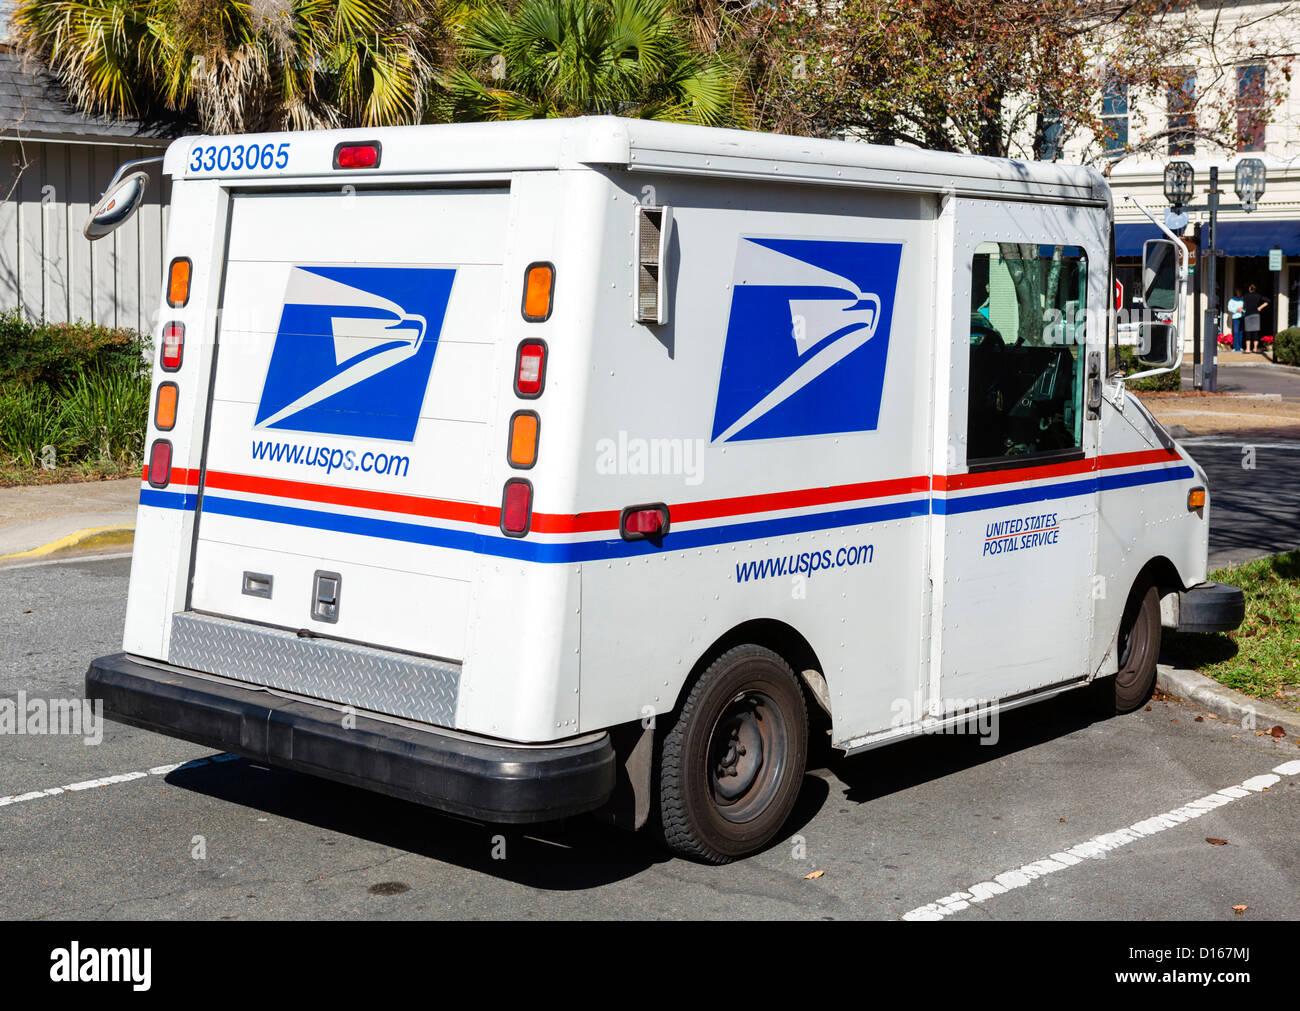 Camion de livraison USPS, Florida, USA Banque D'Images